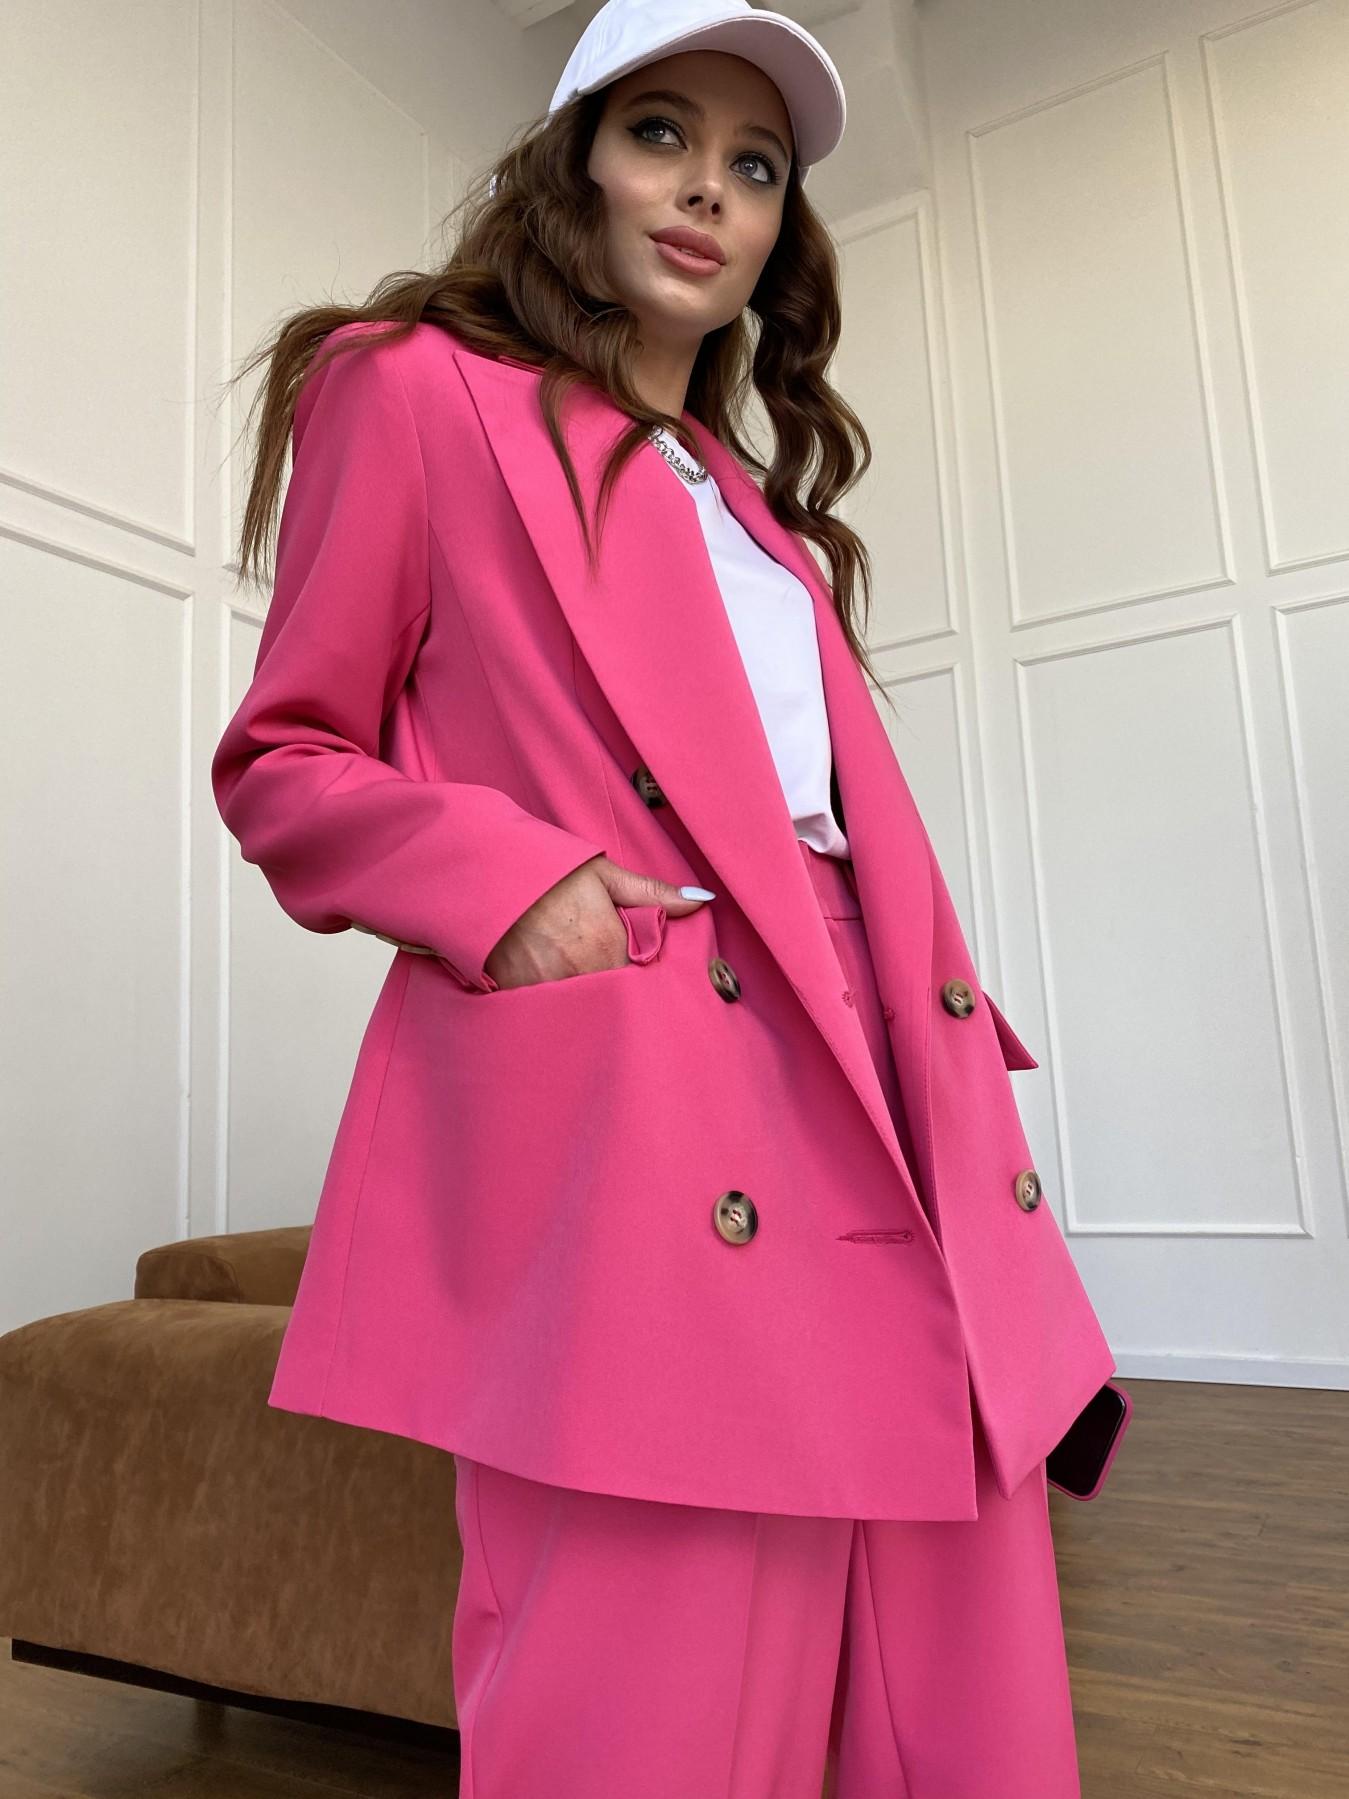 Белисимо  костюм стрейч из костюмной ткани 11217 АРТ. 47720 Цвет: Малиновый - фото 8, интернет магазин tm-modus.ru